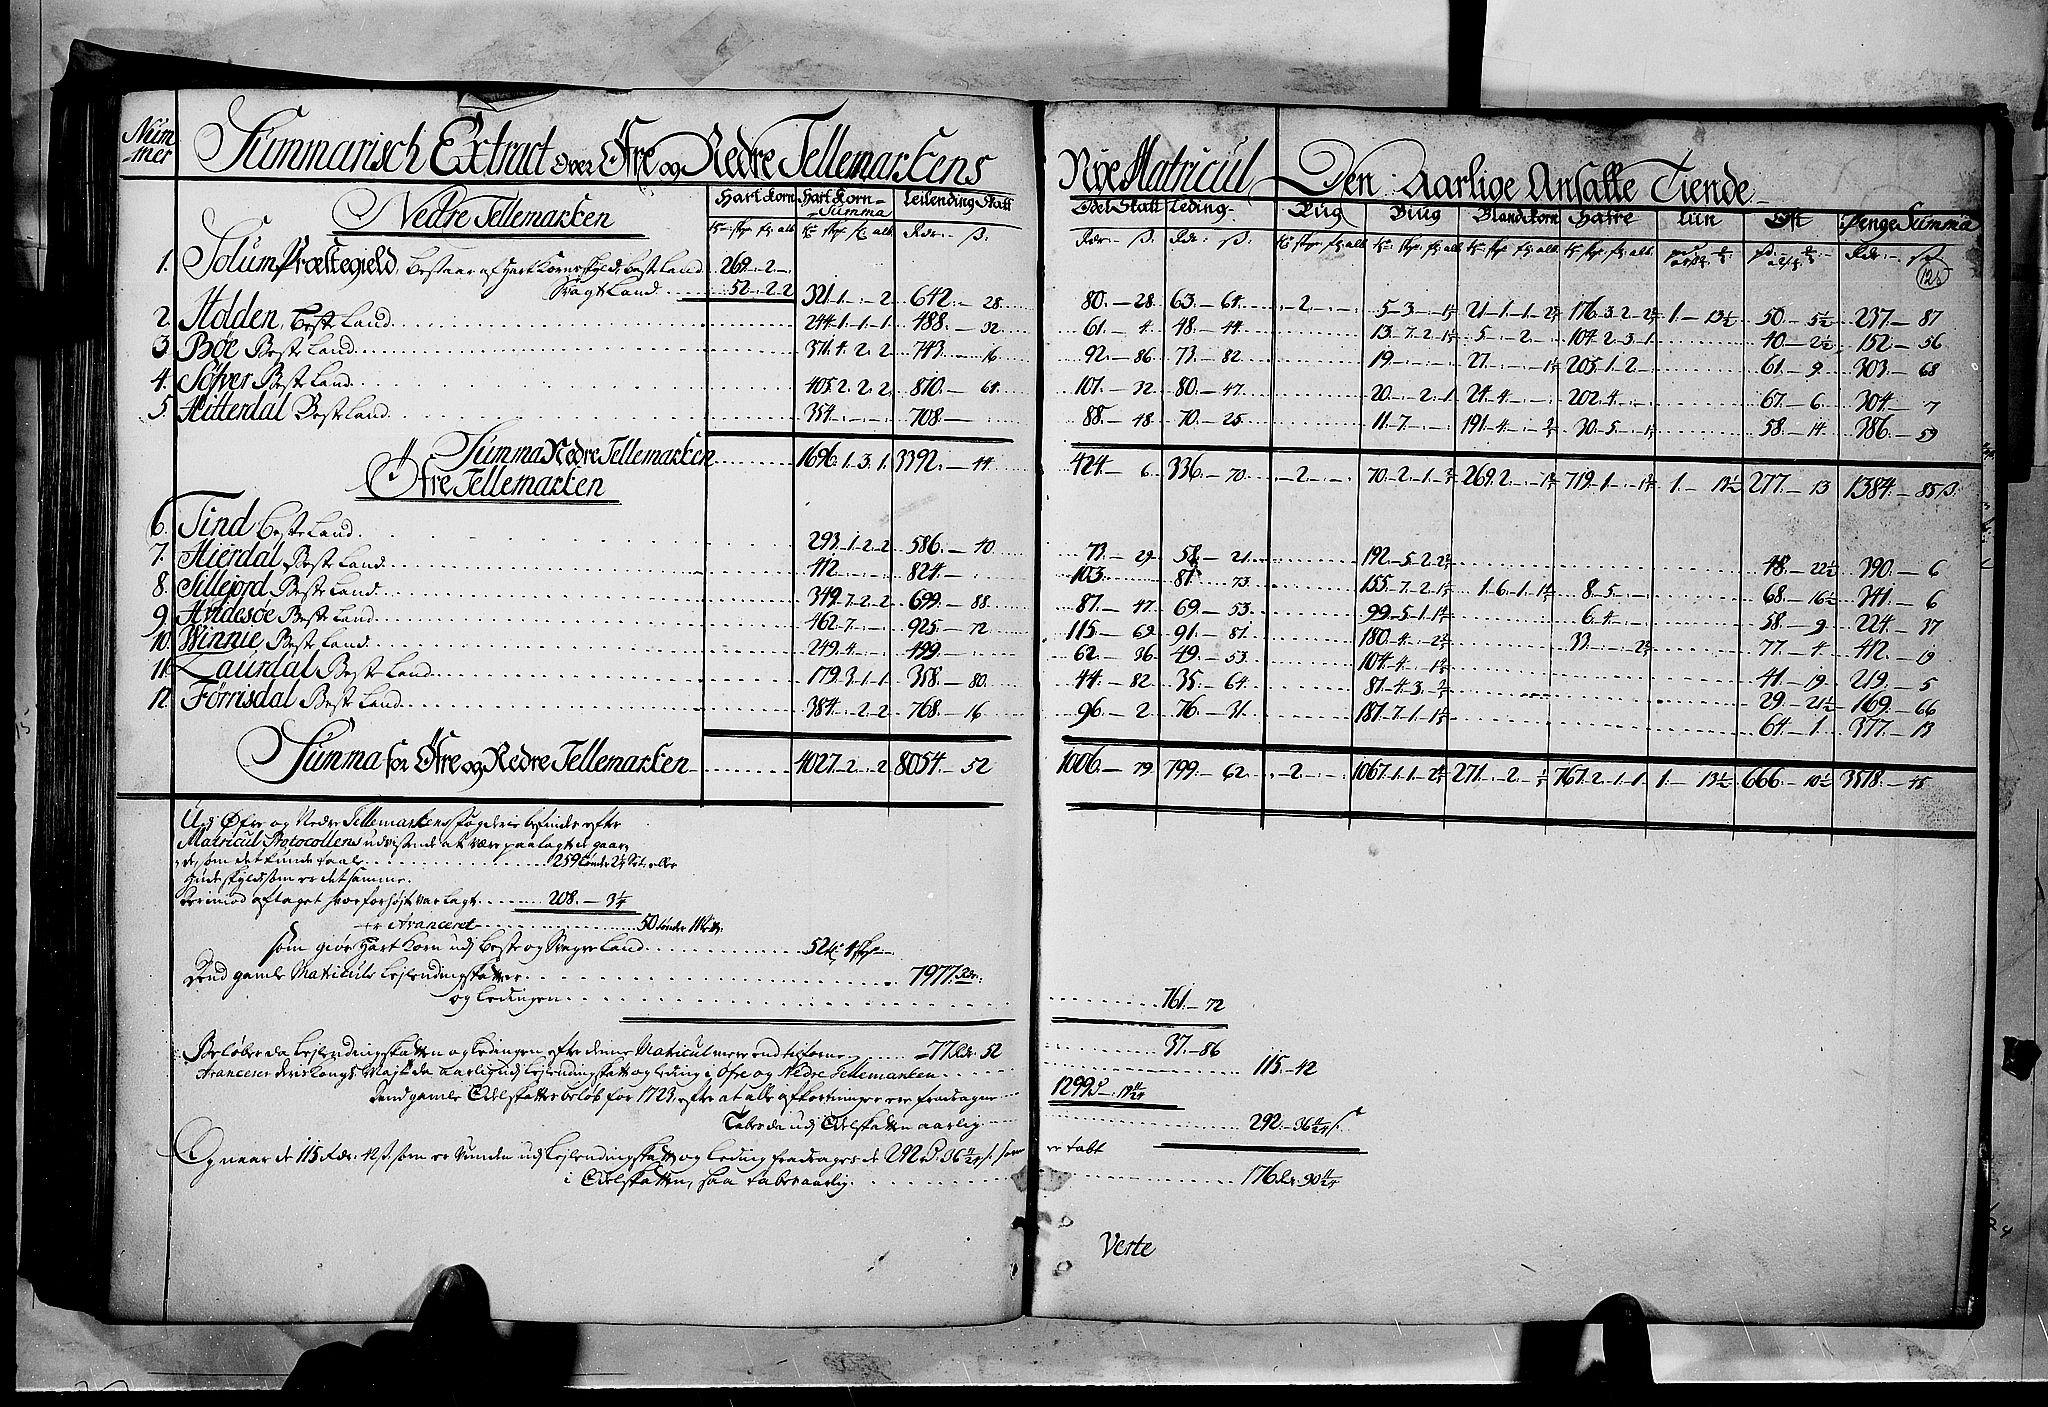 RA, Rentekammeret inntil 1814, Realistisk ordnet avdeling, N/Nb/Nbf/L0122: Øvre og Nedre Telemark matrikkelprotokoll, 1723, s. 124b-125a